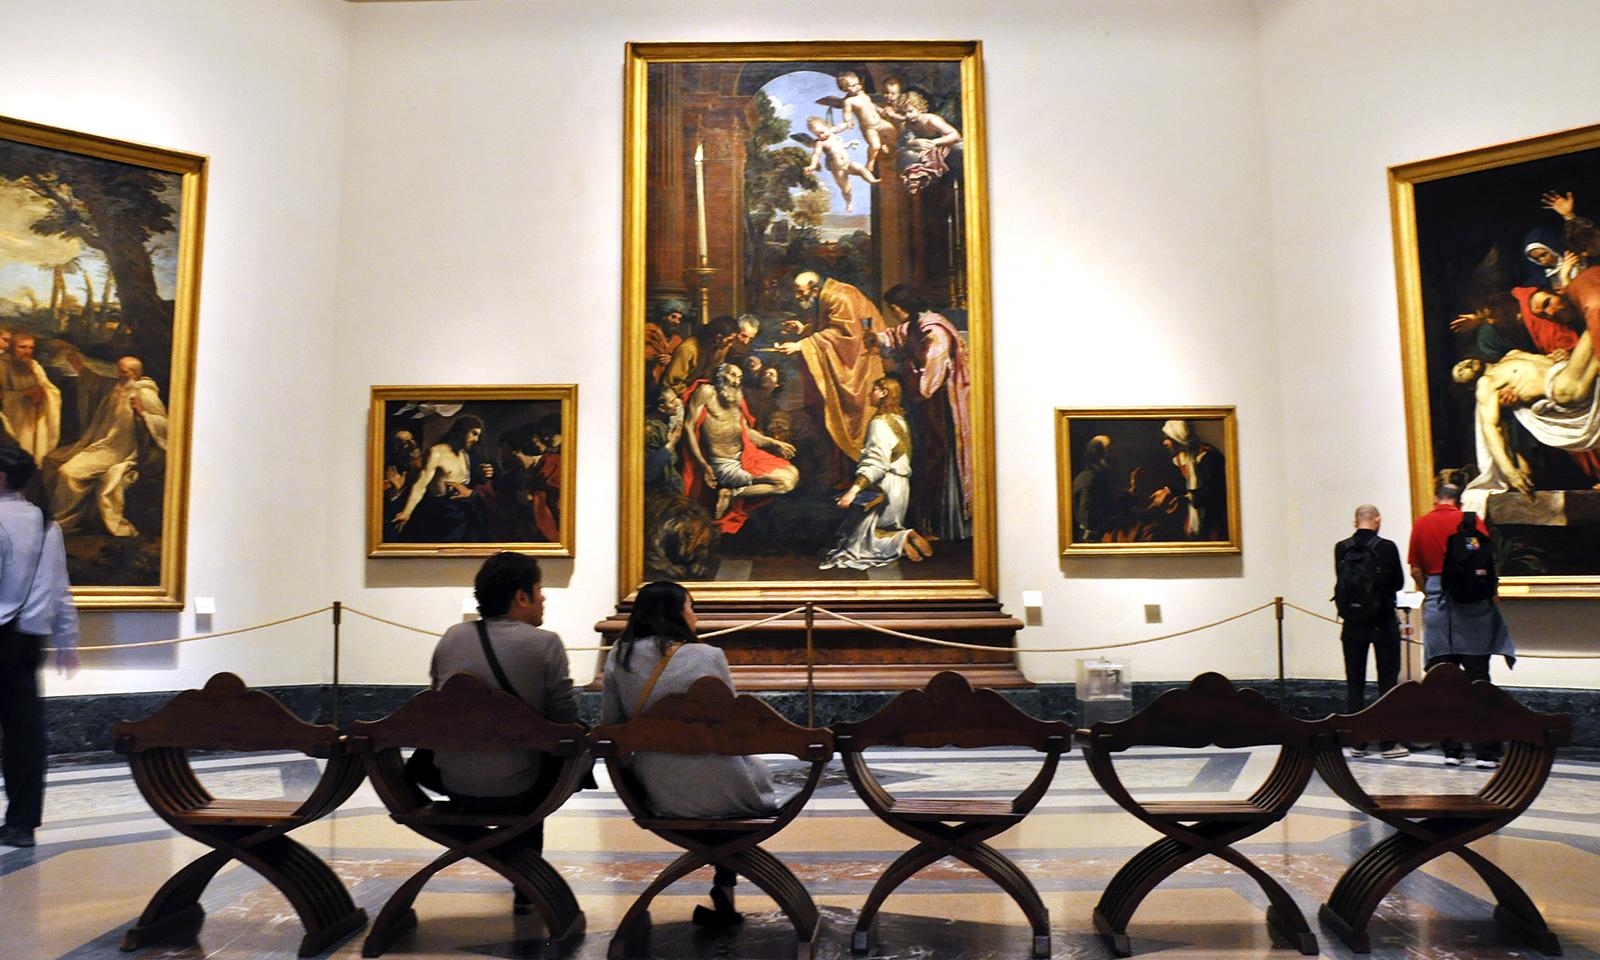 schilderijen vaticaans museum